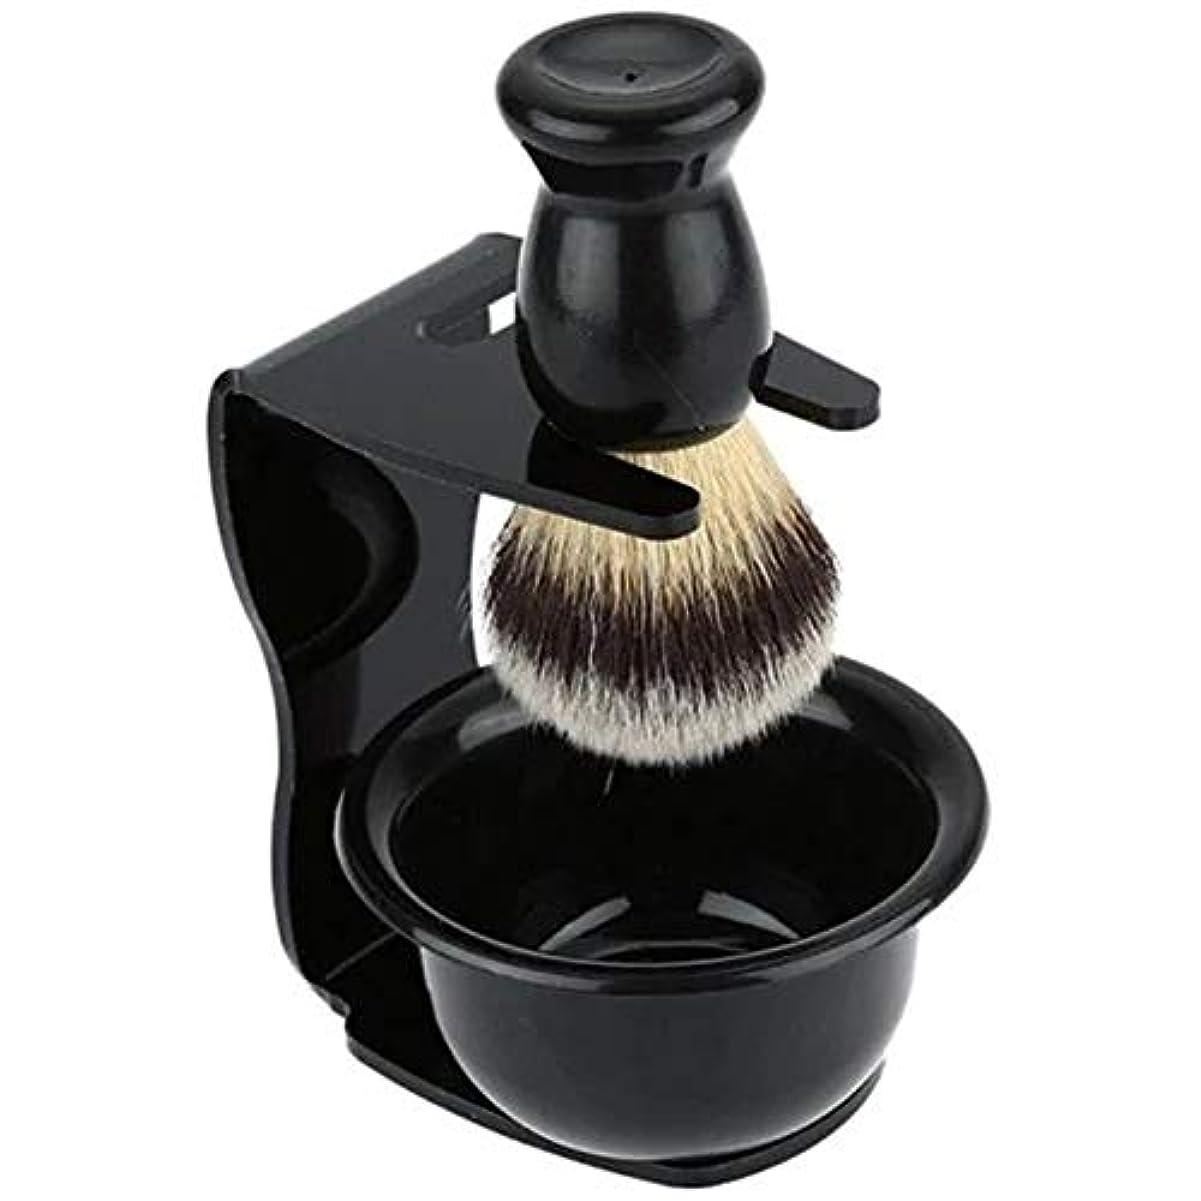 アスペクト仲間、同僚策定するあごひげケア 美容ツール 泡立ちが違う アナグマ 毛 シェービング ブラシ スタンド付き 理容 洗顔 髭剃り マッサージ 効果 キャンプ 旅行 家庭